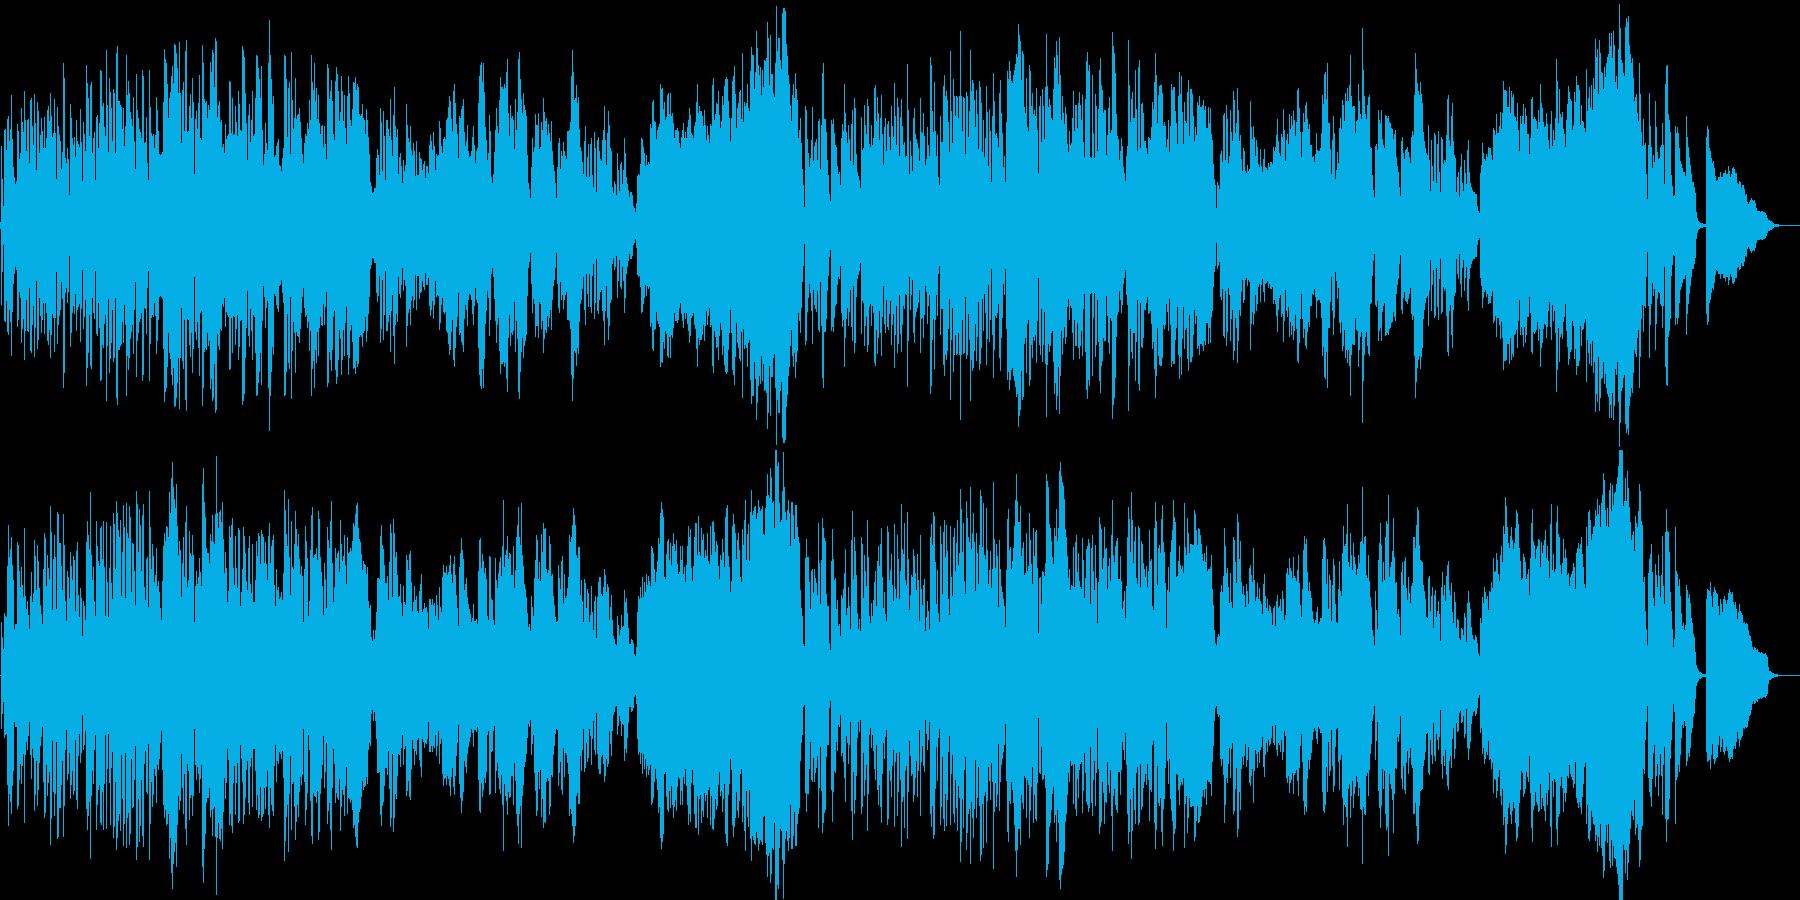 クラシカルな明るい朝のBGMの再生済みの波形